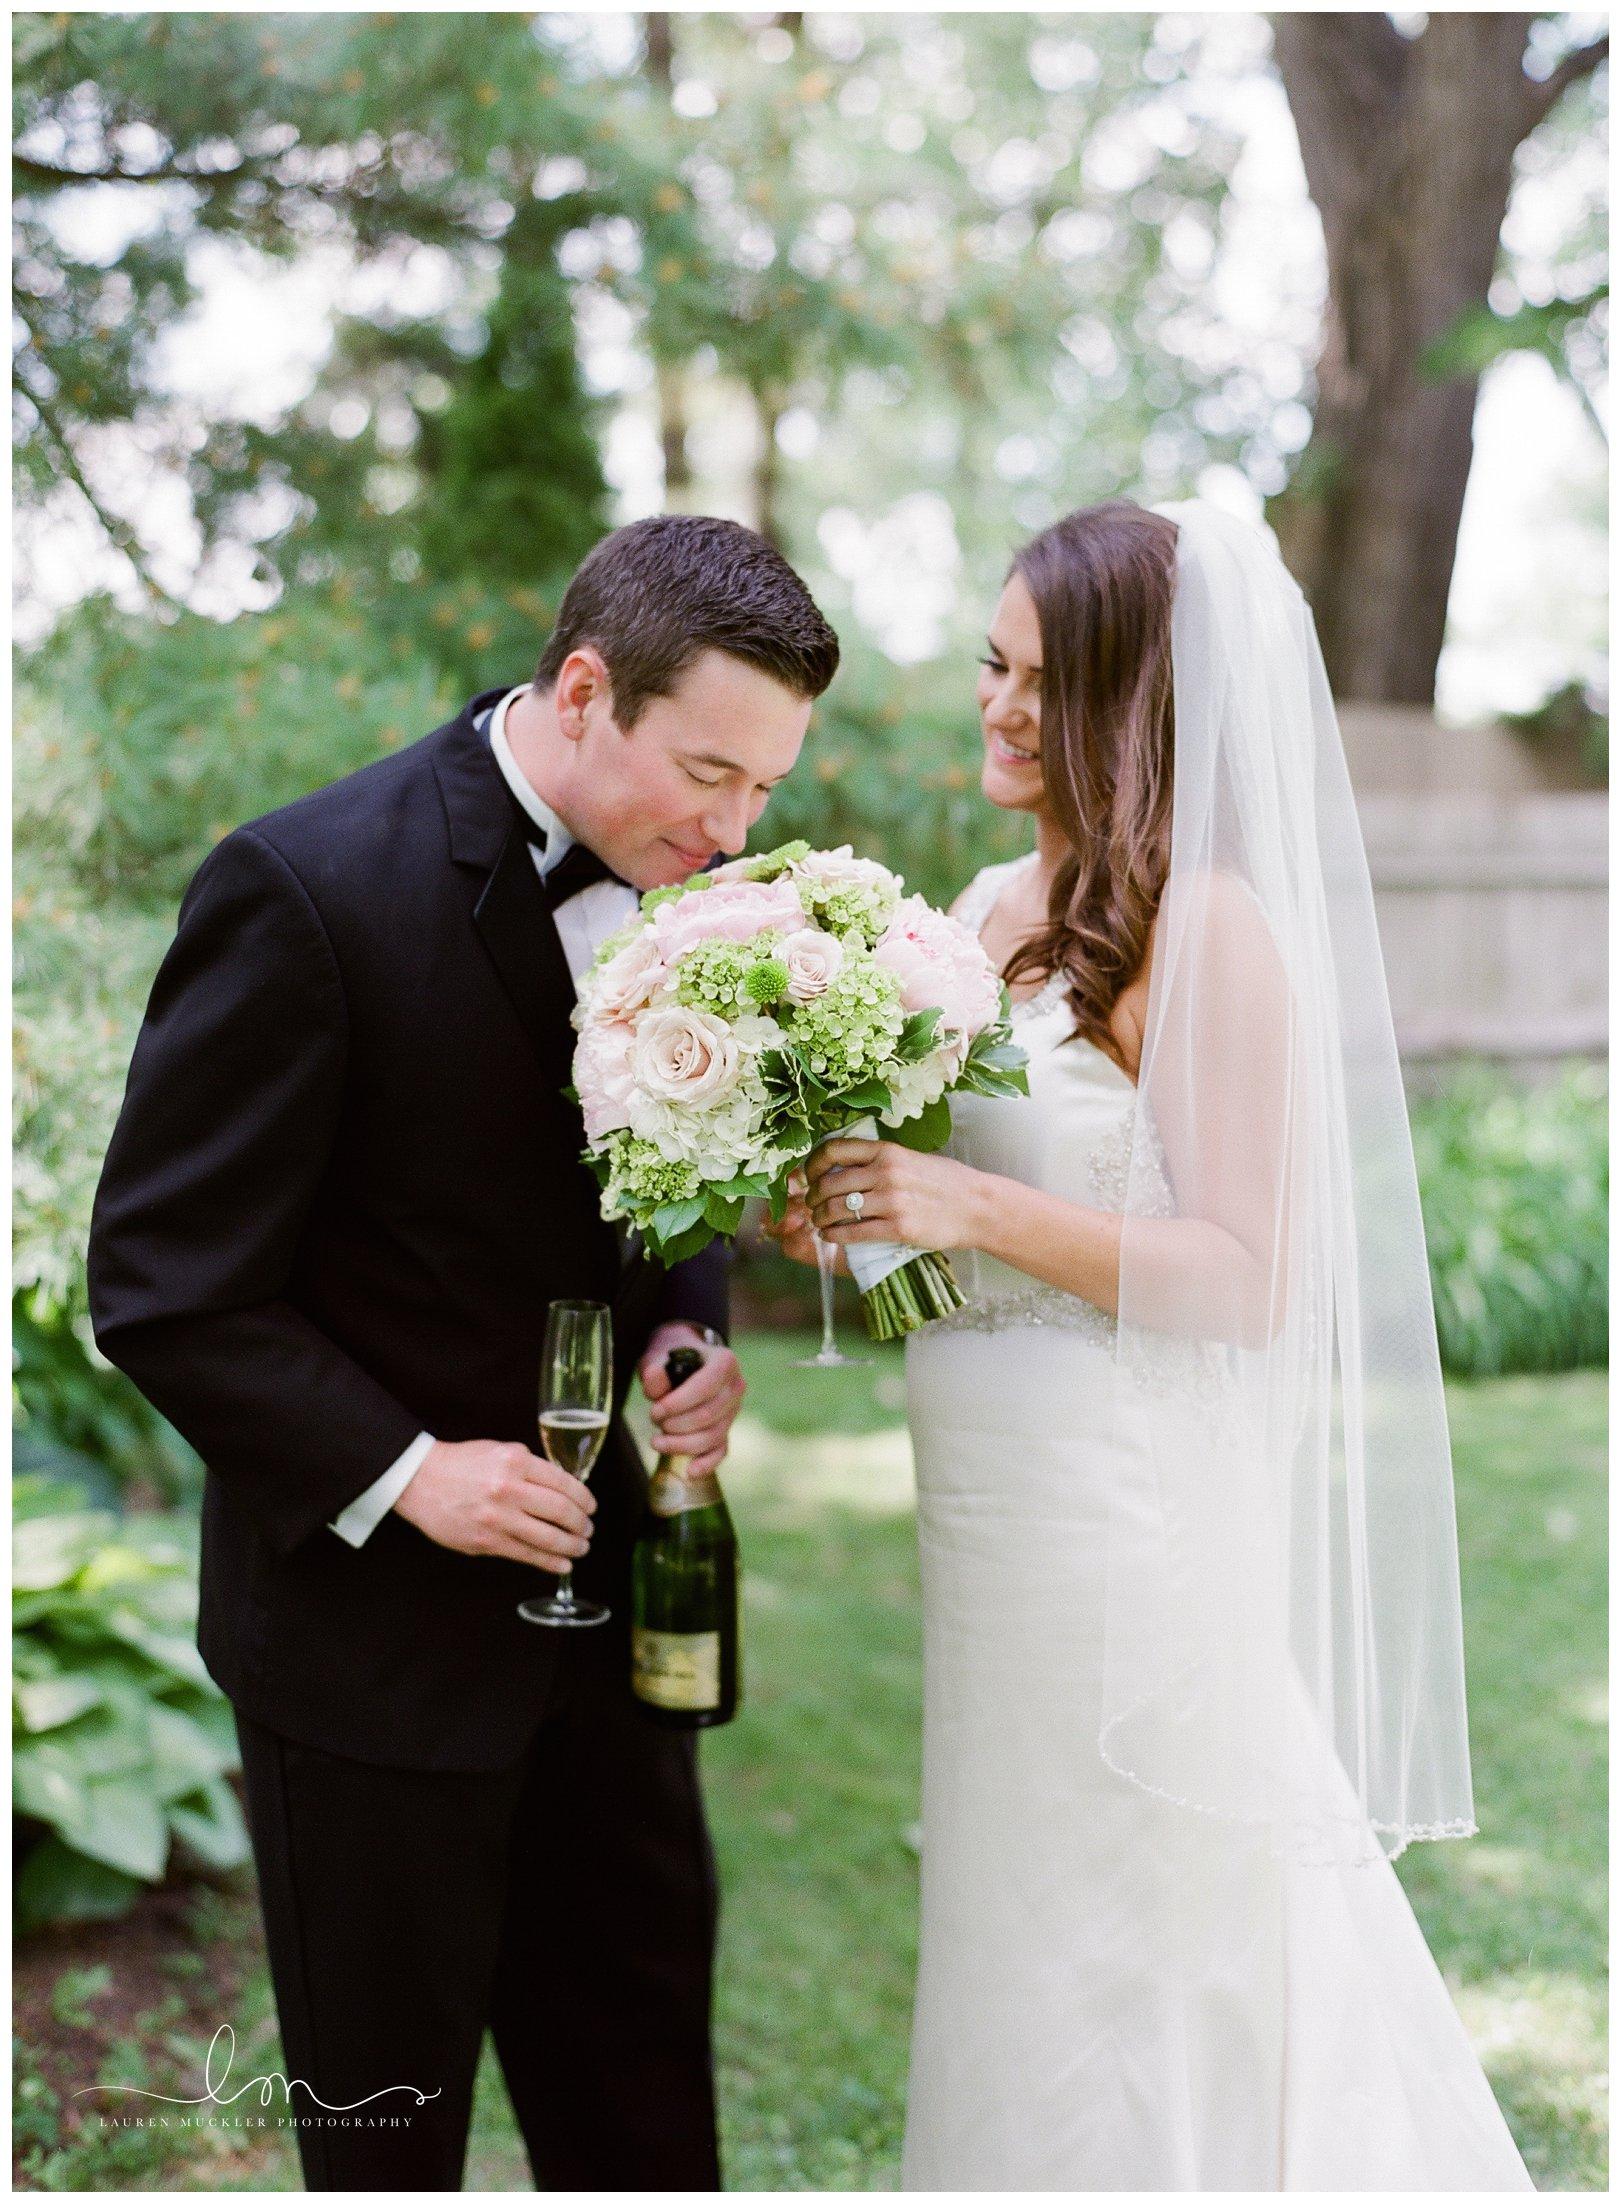 lauren muckler photography_fine art film wedding photography_st louis_photography_0218.jpg